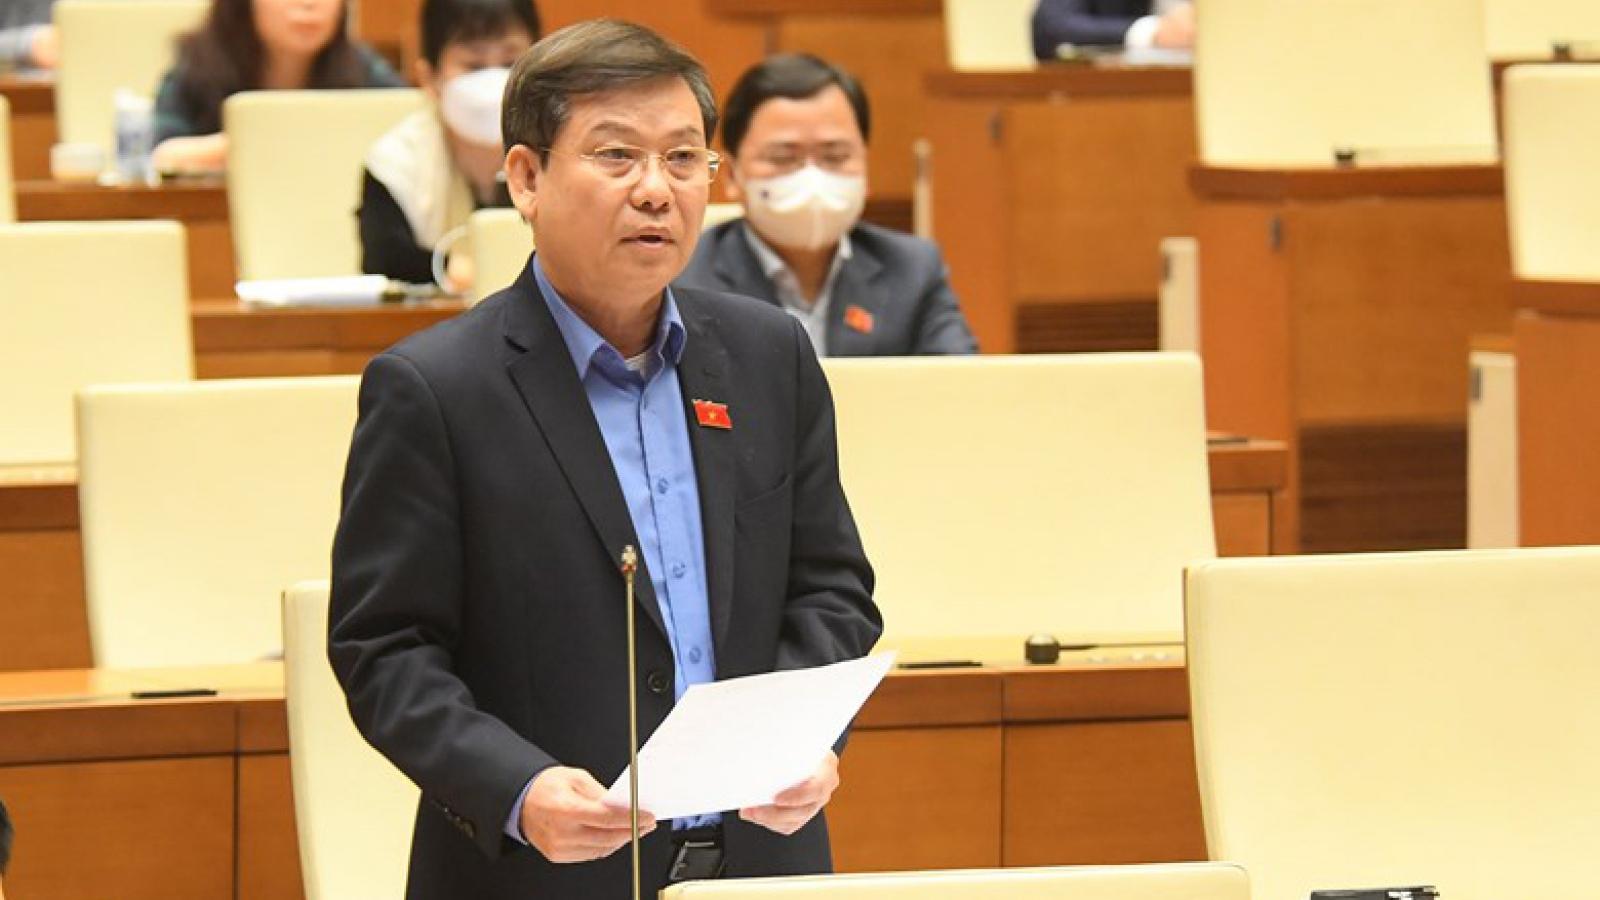 """Viện trưởng Lê Minh Trí: Tài sản tham nhũng """"ẩn nấp"""" ngoài xã hội rất khó thu"""